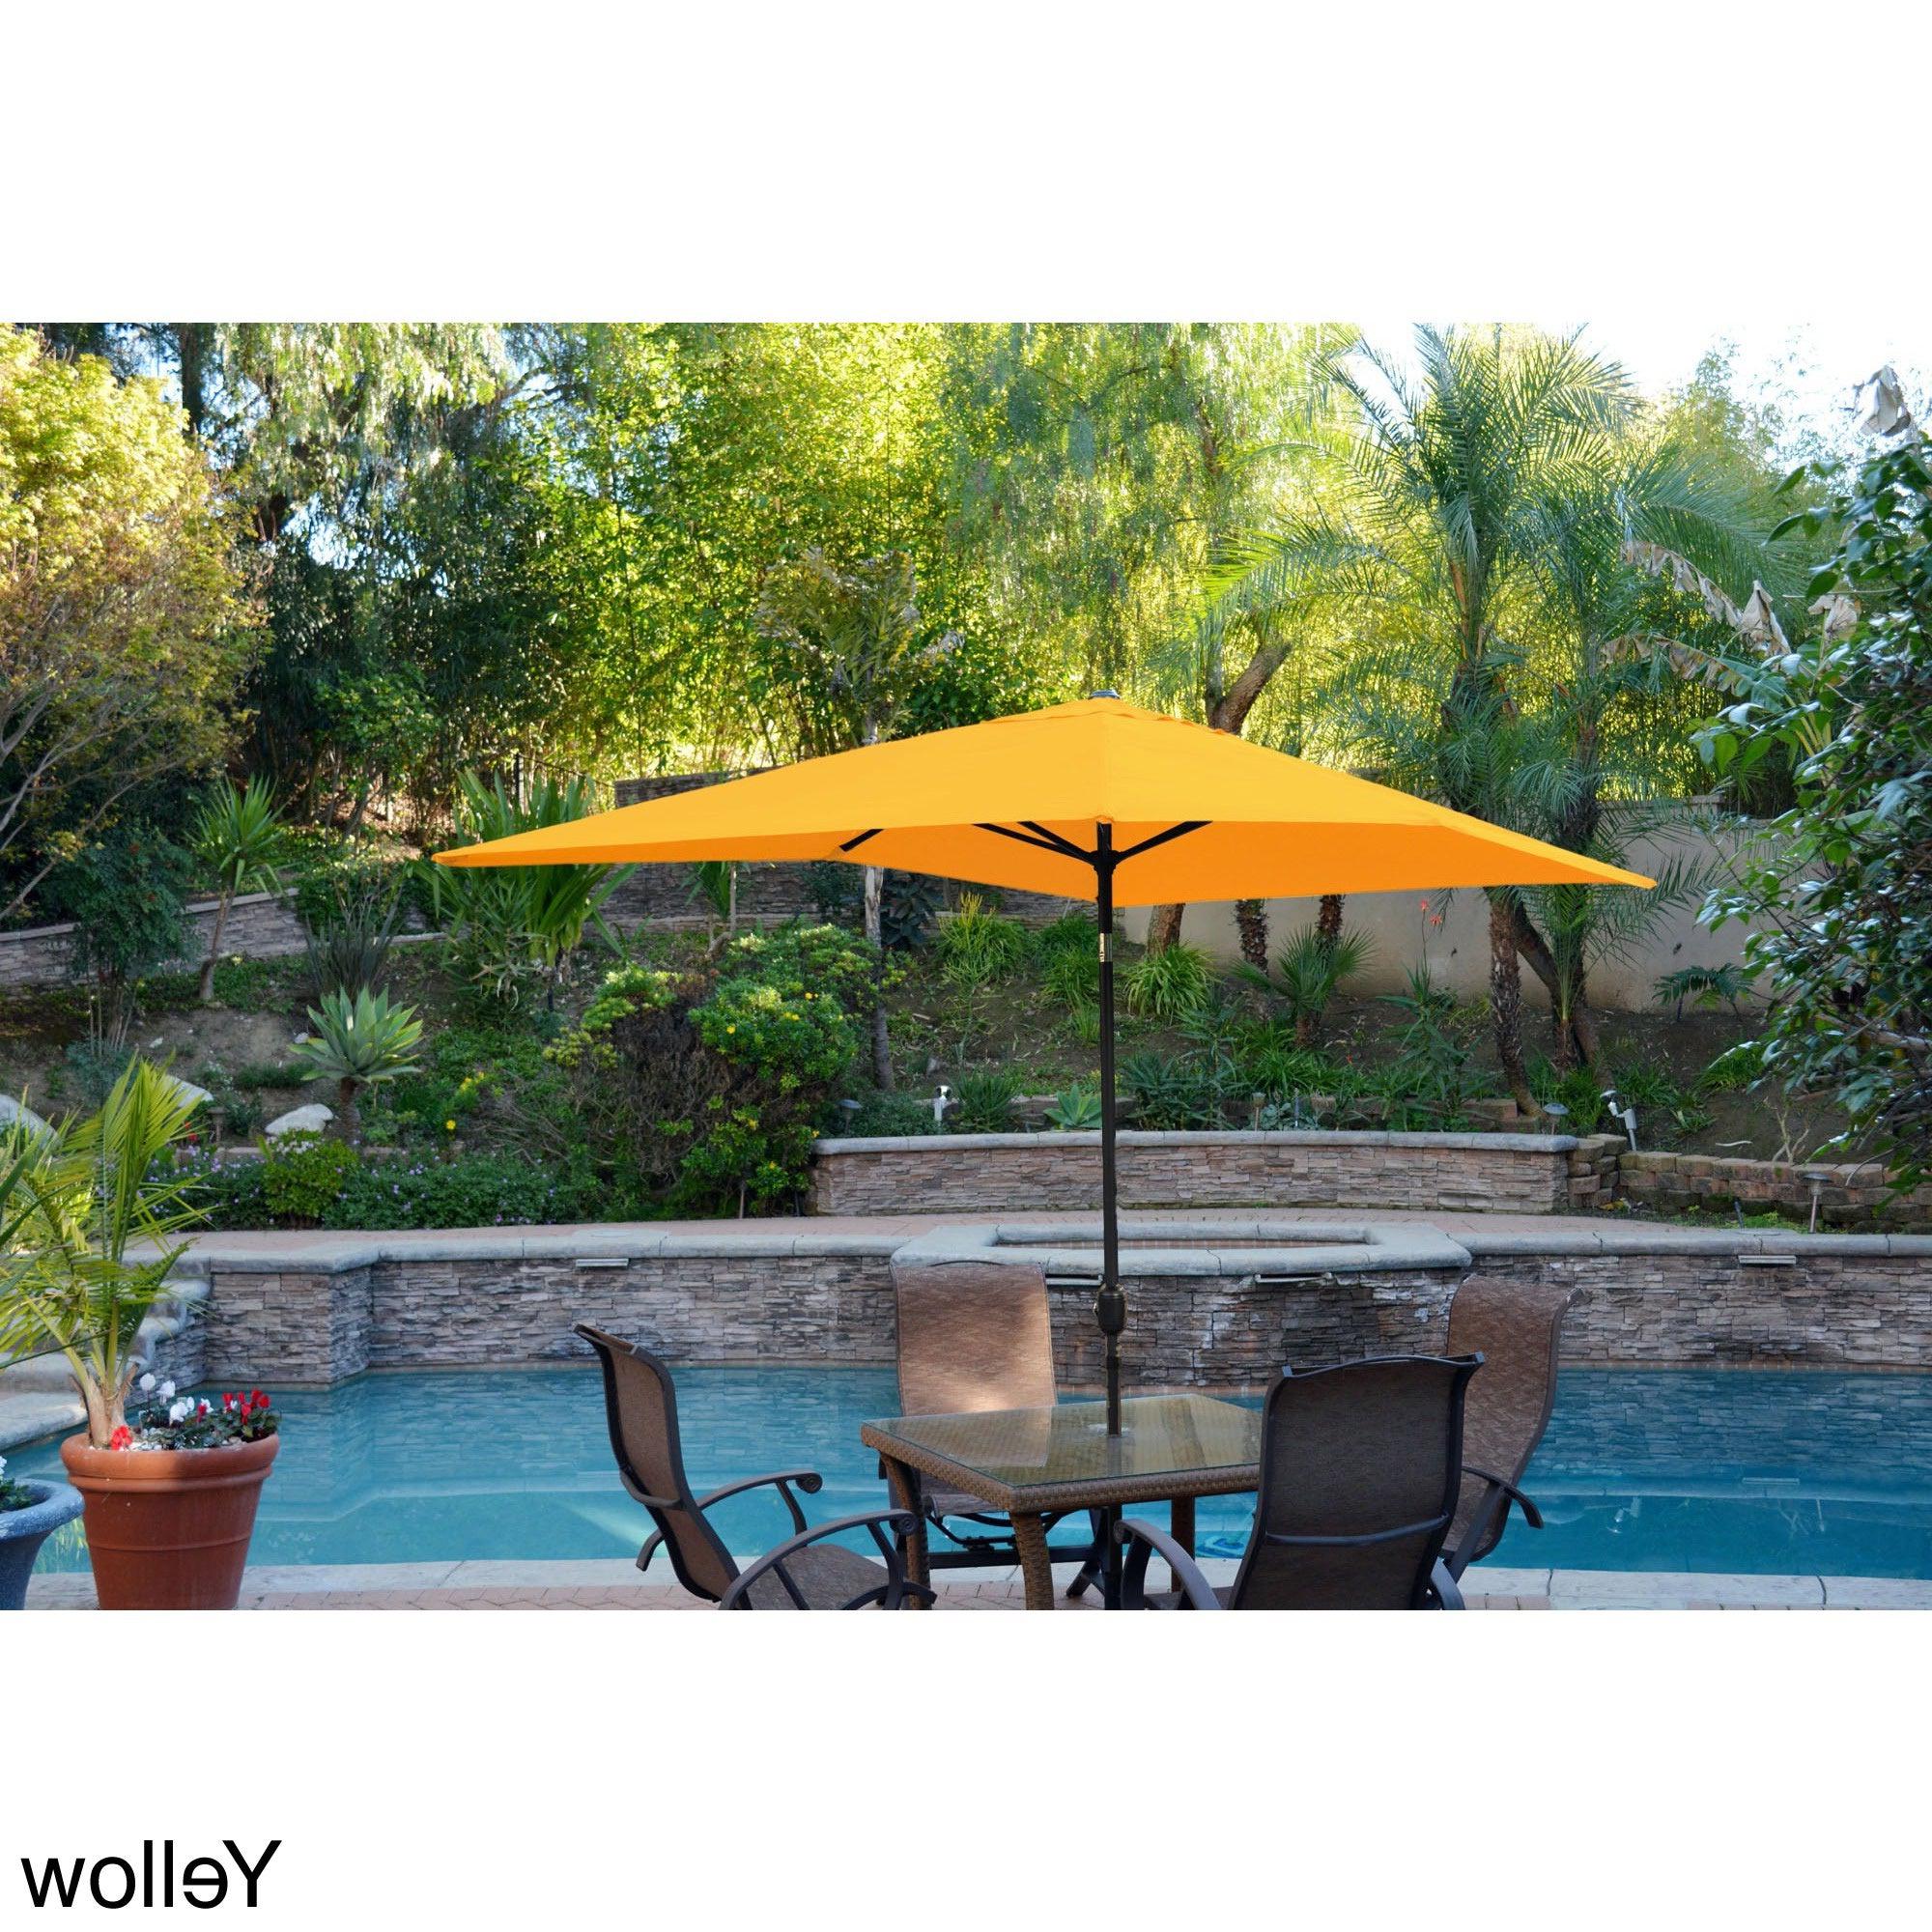 Our Regarding Alder Half Round Outdoor Patio Market Umbrellas (View 14 of 20)